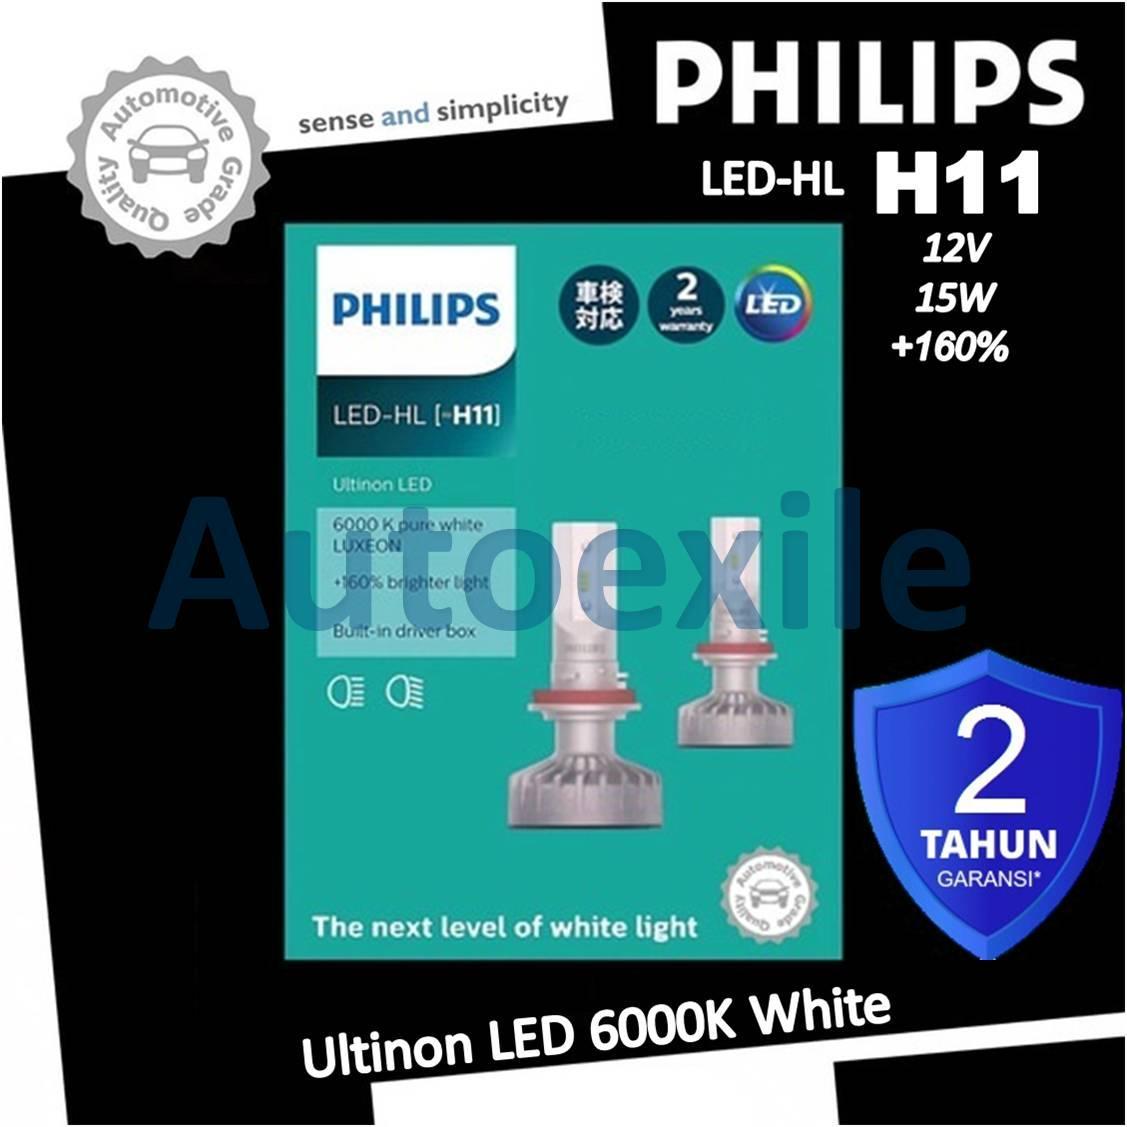 Philips Ultinon LED HL H11 12V 6000K Putih Head Lamp Lampu Mobil Innova Reborn Civic Sienta